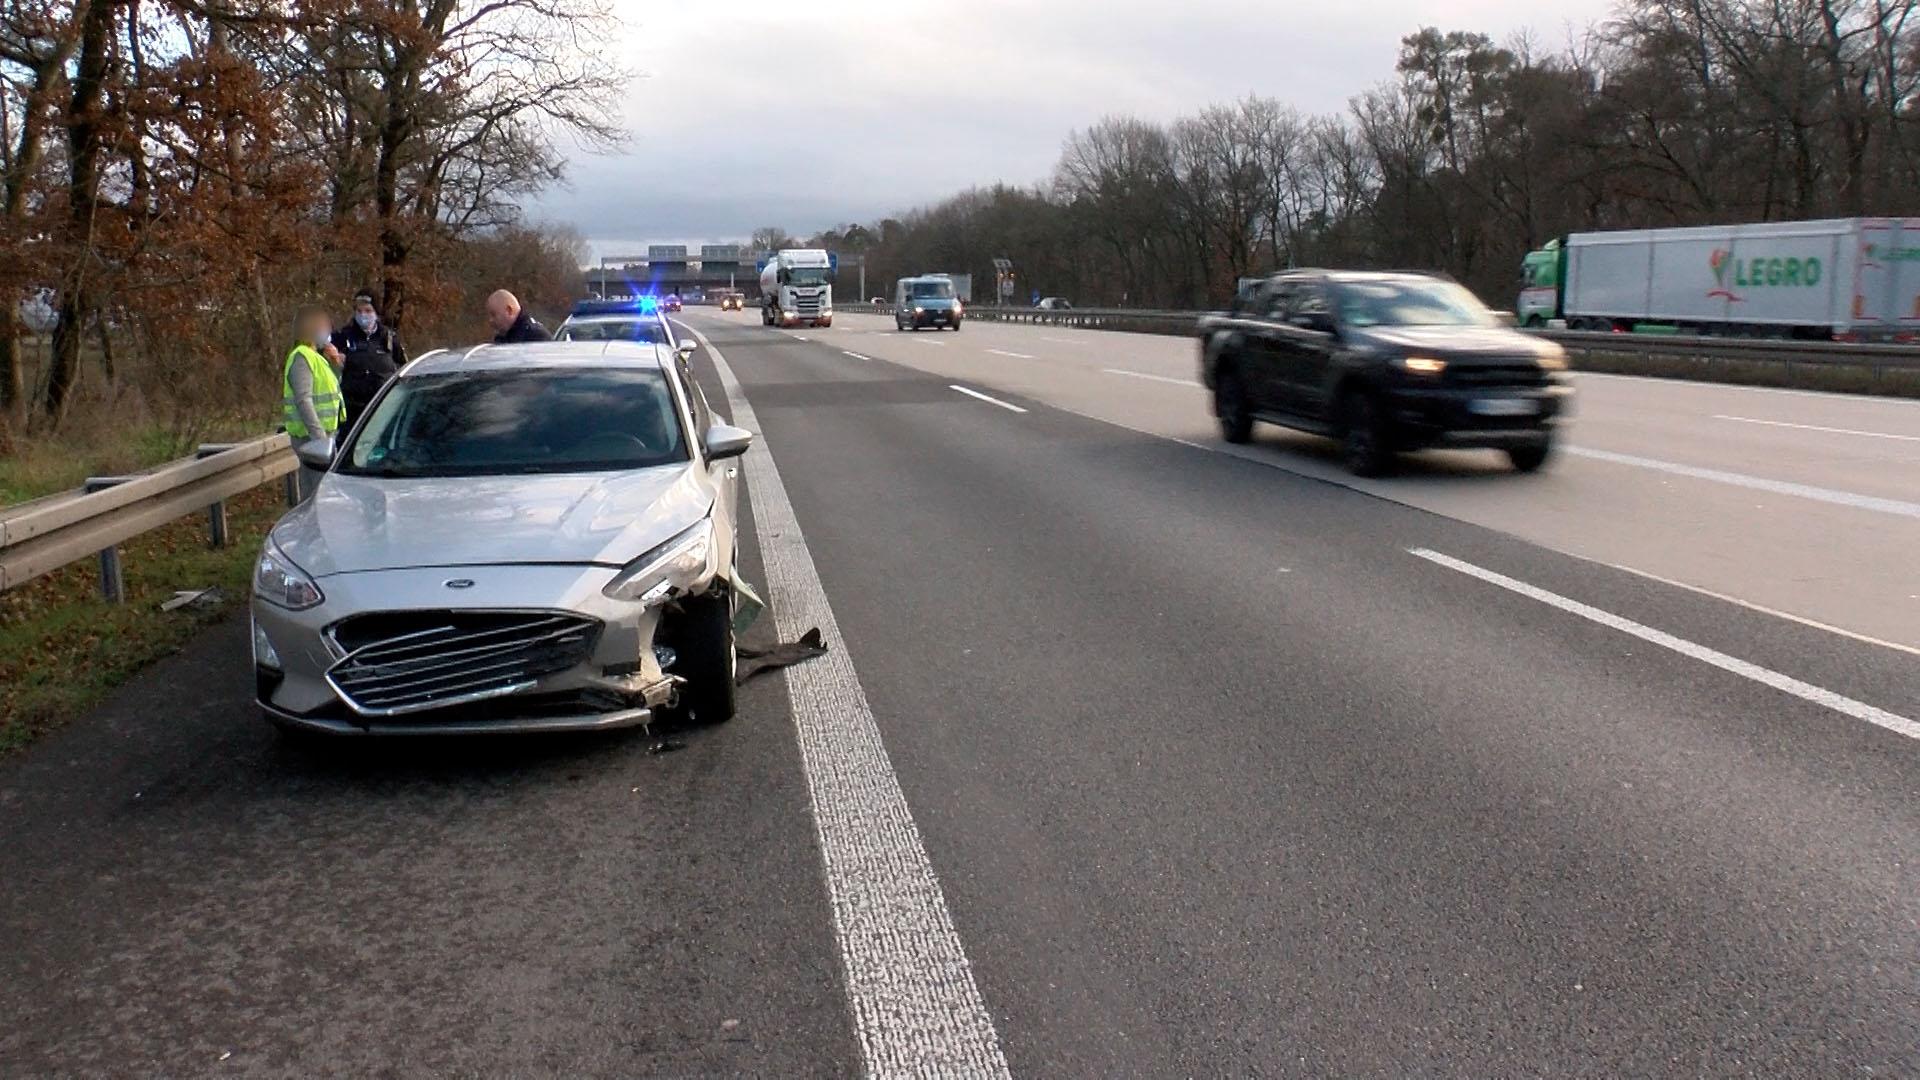 Hockenheim: Wildschweine auf A 6 verursachen mehrere Verkehrsunfälle